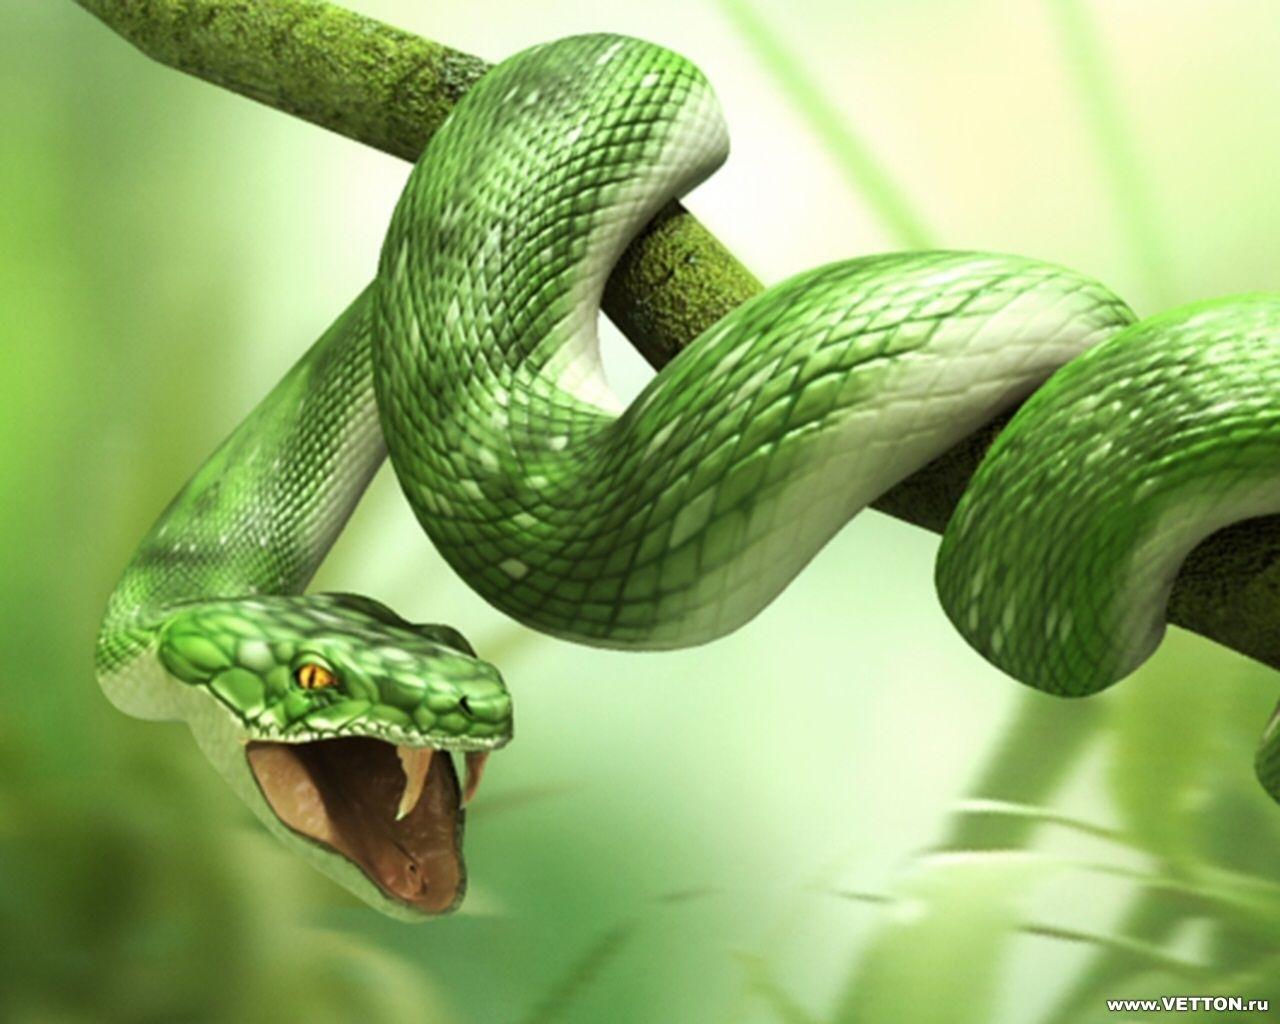 2728 скачать обои Змеи, Животные, Арт - заставки и картинки бесплатно